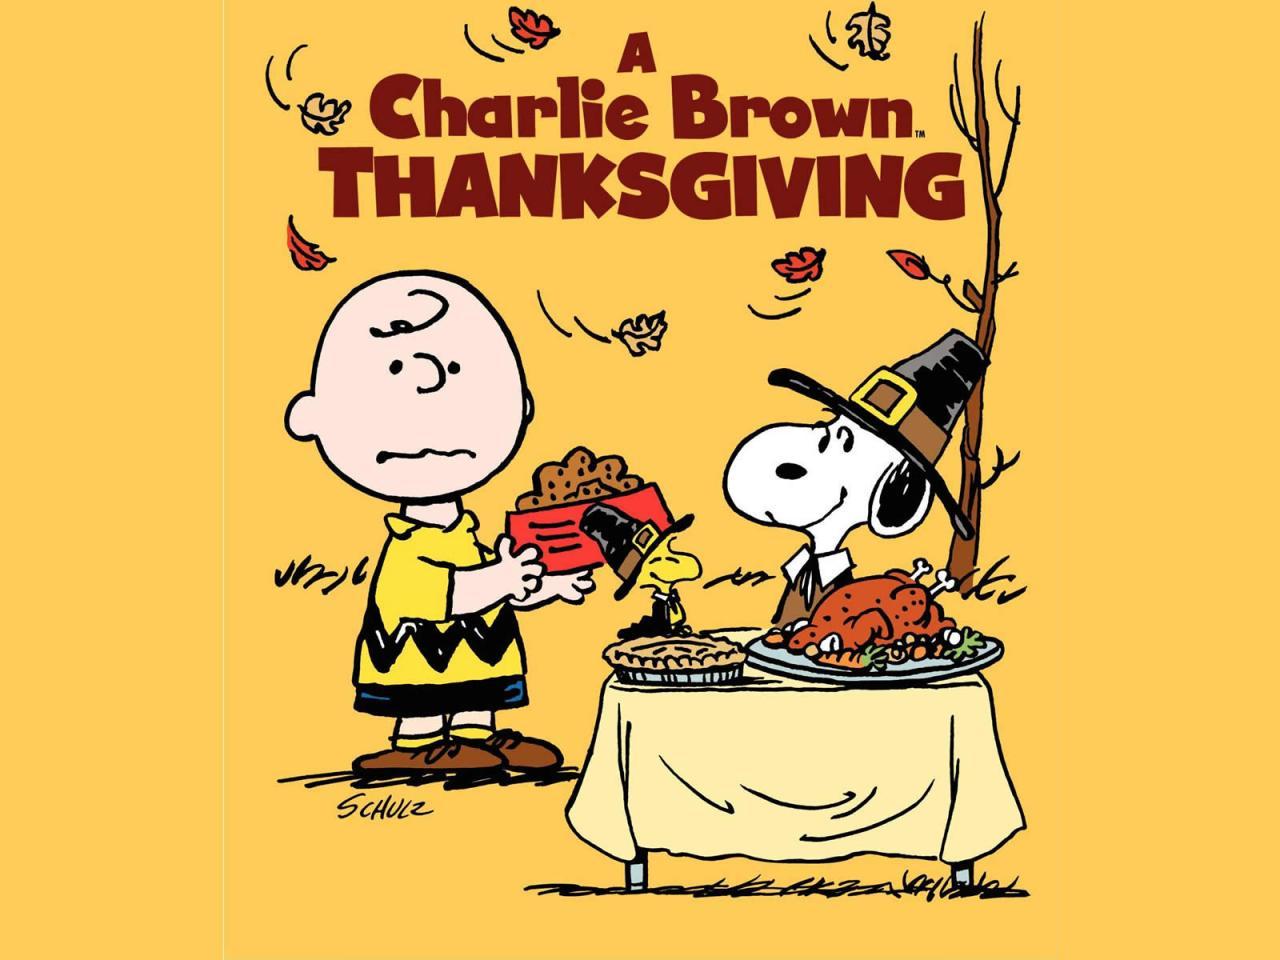 Thanksgiving Cartoon Backgrounds Wallpaper wallpaper Thanksgiving 1280x960